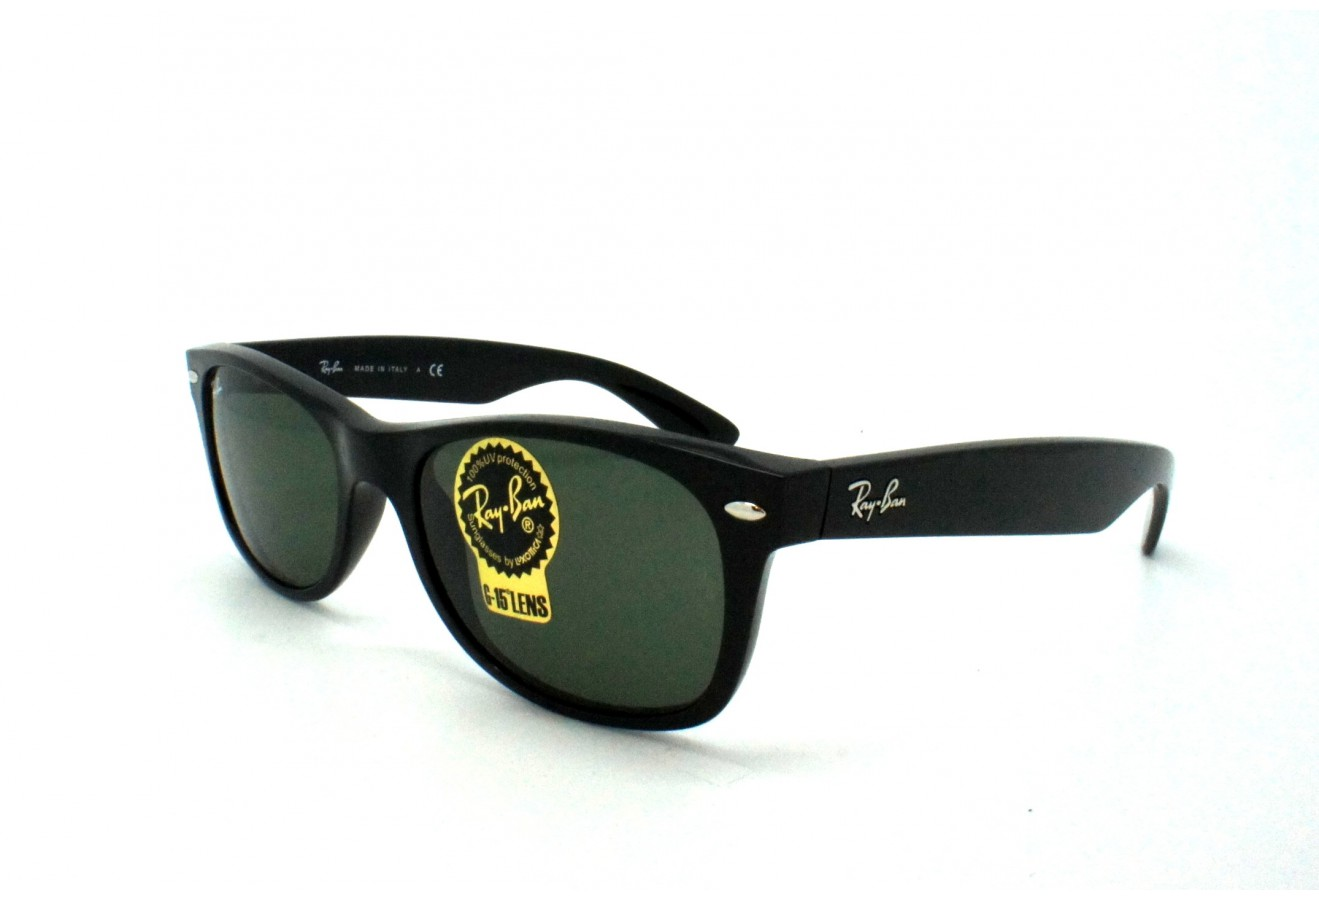 lunettes de soleil ray ban rb 2132 new wayfarer 901 52 18. Black Bedroom Furniture Sets. Home Design Ideas